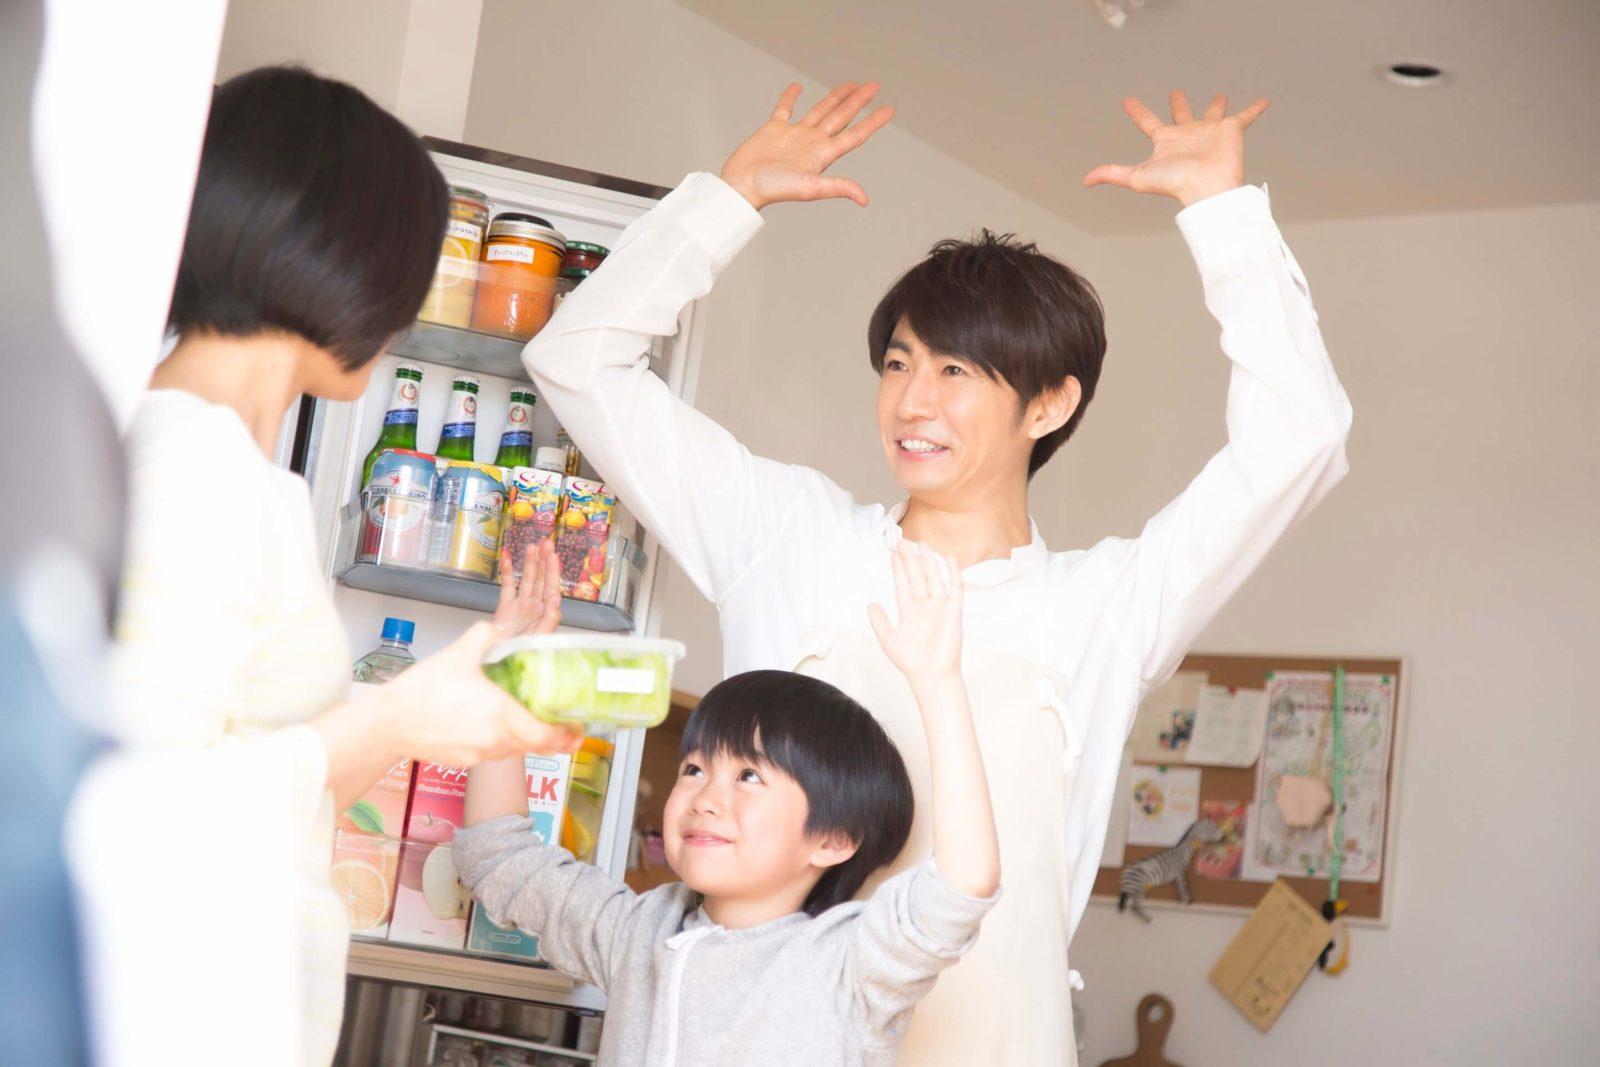 嵐・相葉雅紀、子供とのバンザイ写真公開!新CMでのほのぼのエピソードもサムネイル画像